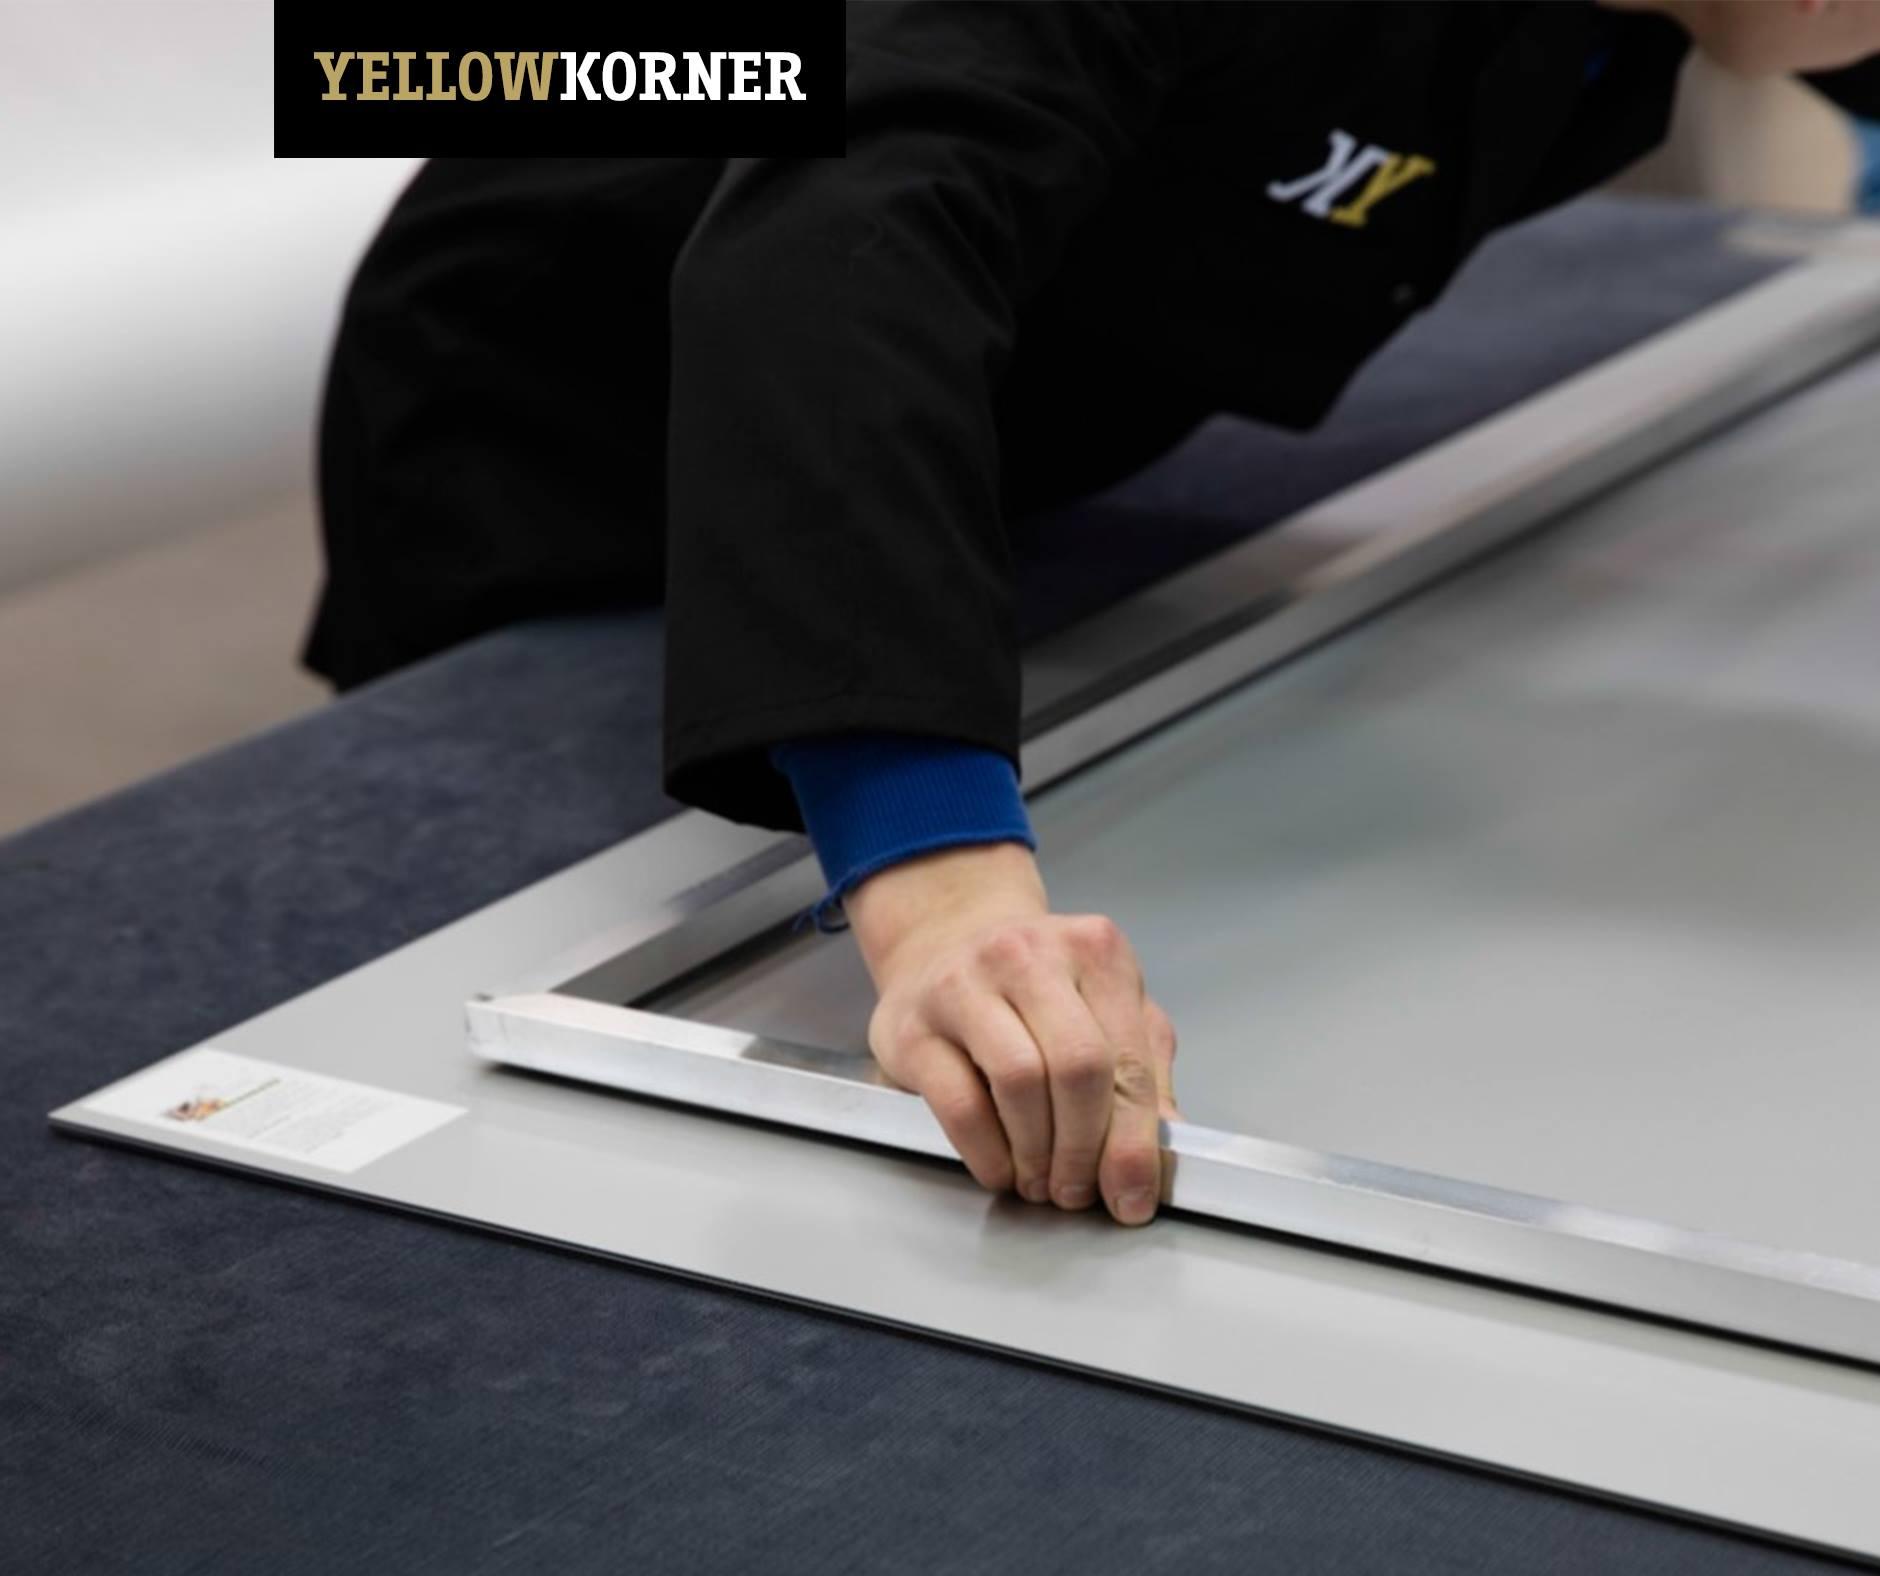 Yellowkorner – réductions sur les photos – Dealabs